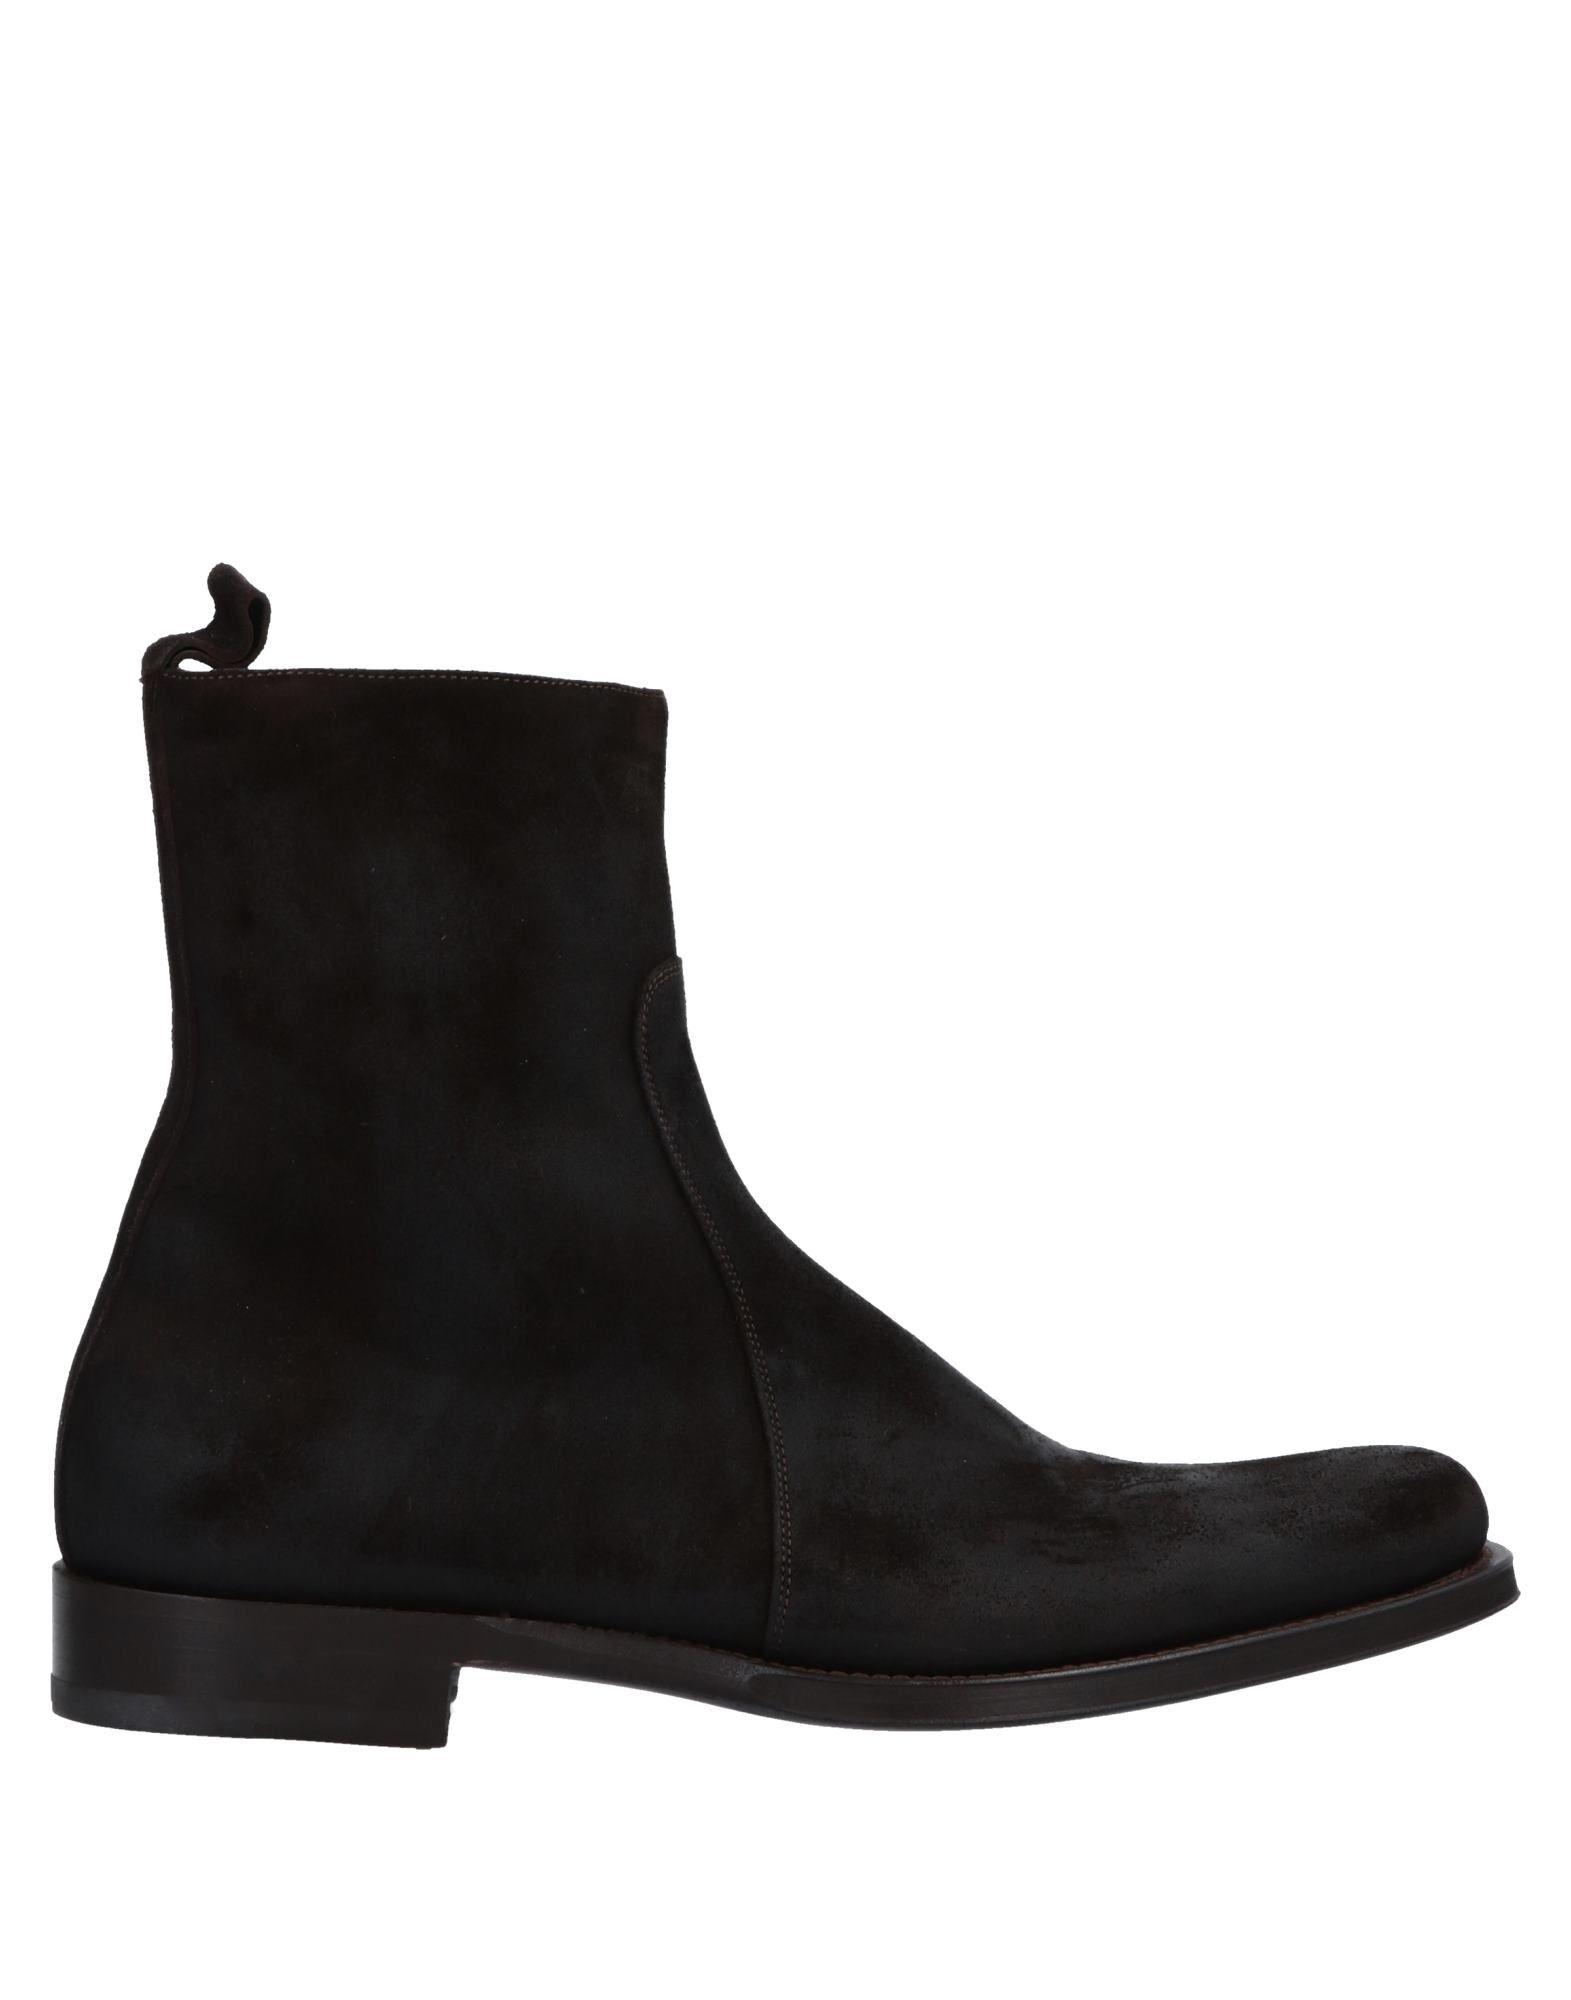 Santoni Stiefelette Herren  11525233OT Gute Qualität beliebte Schuhe